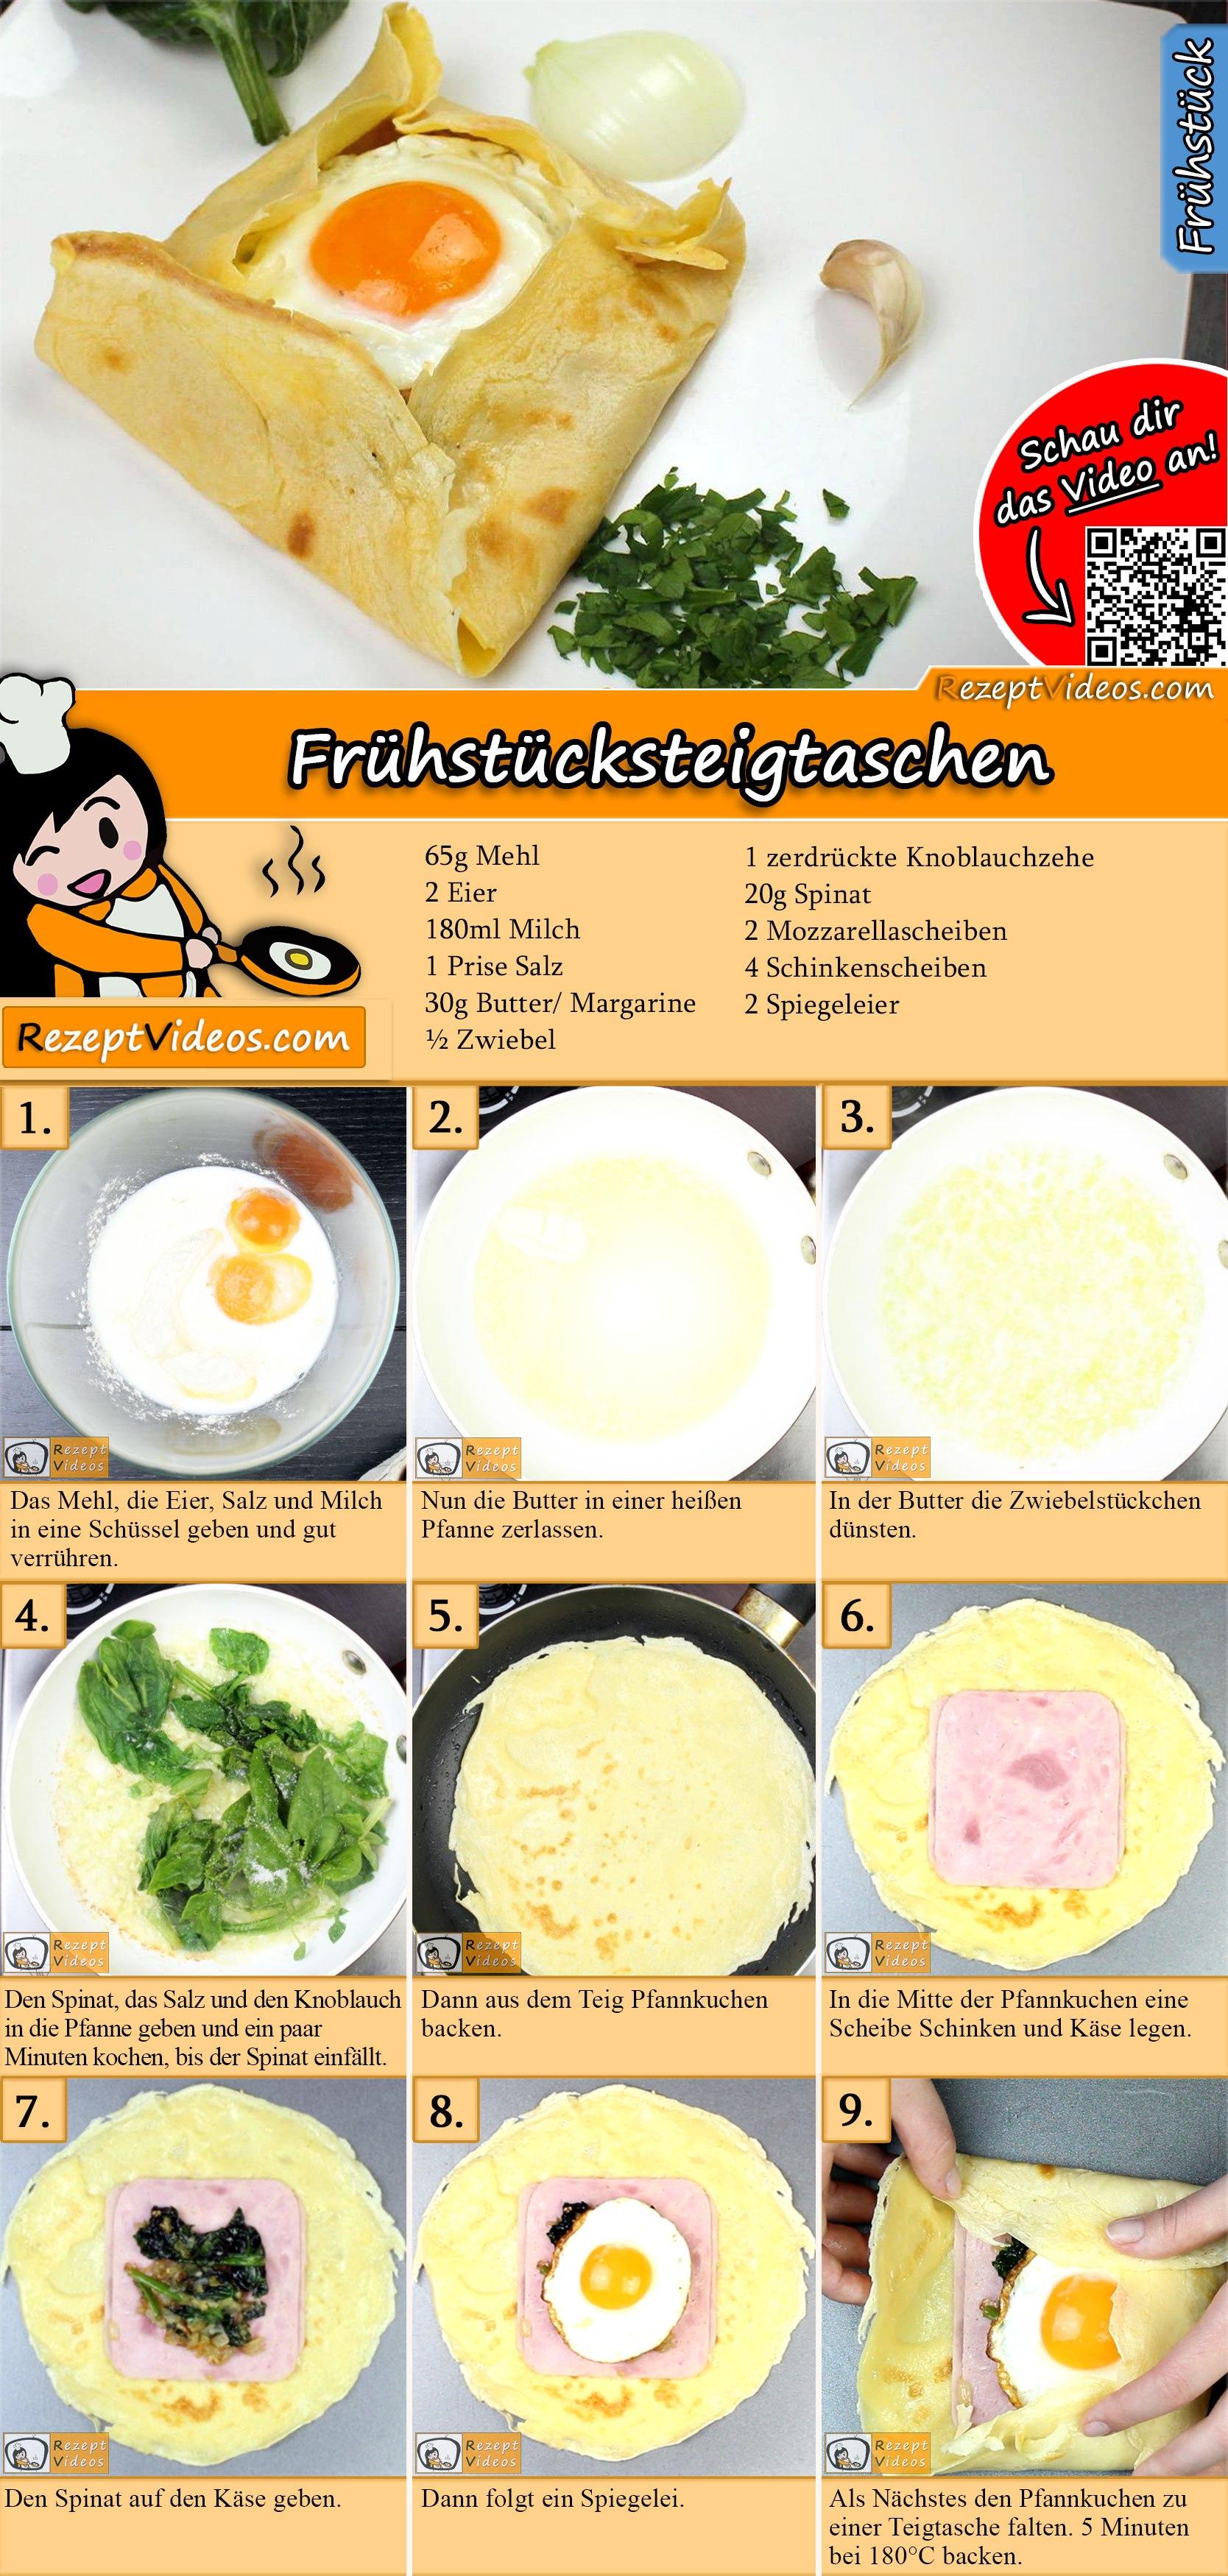 Frühstücksteigtaschen Rezept mit Video